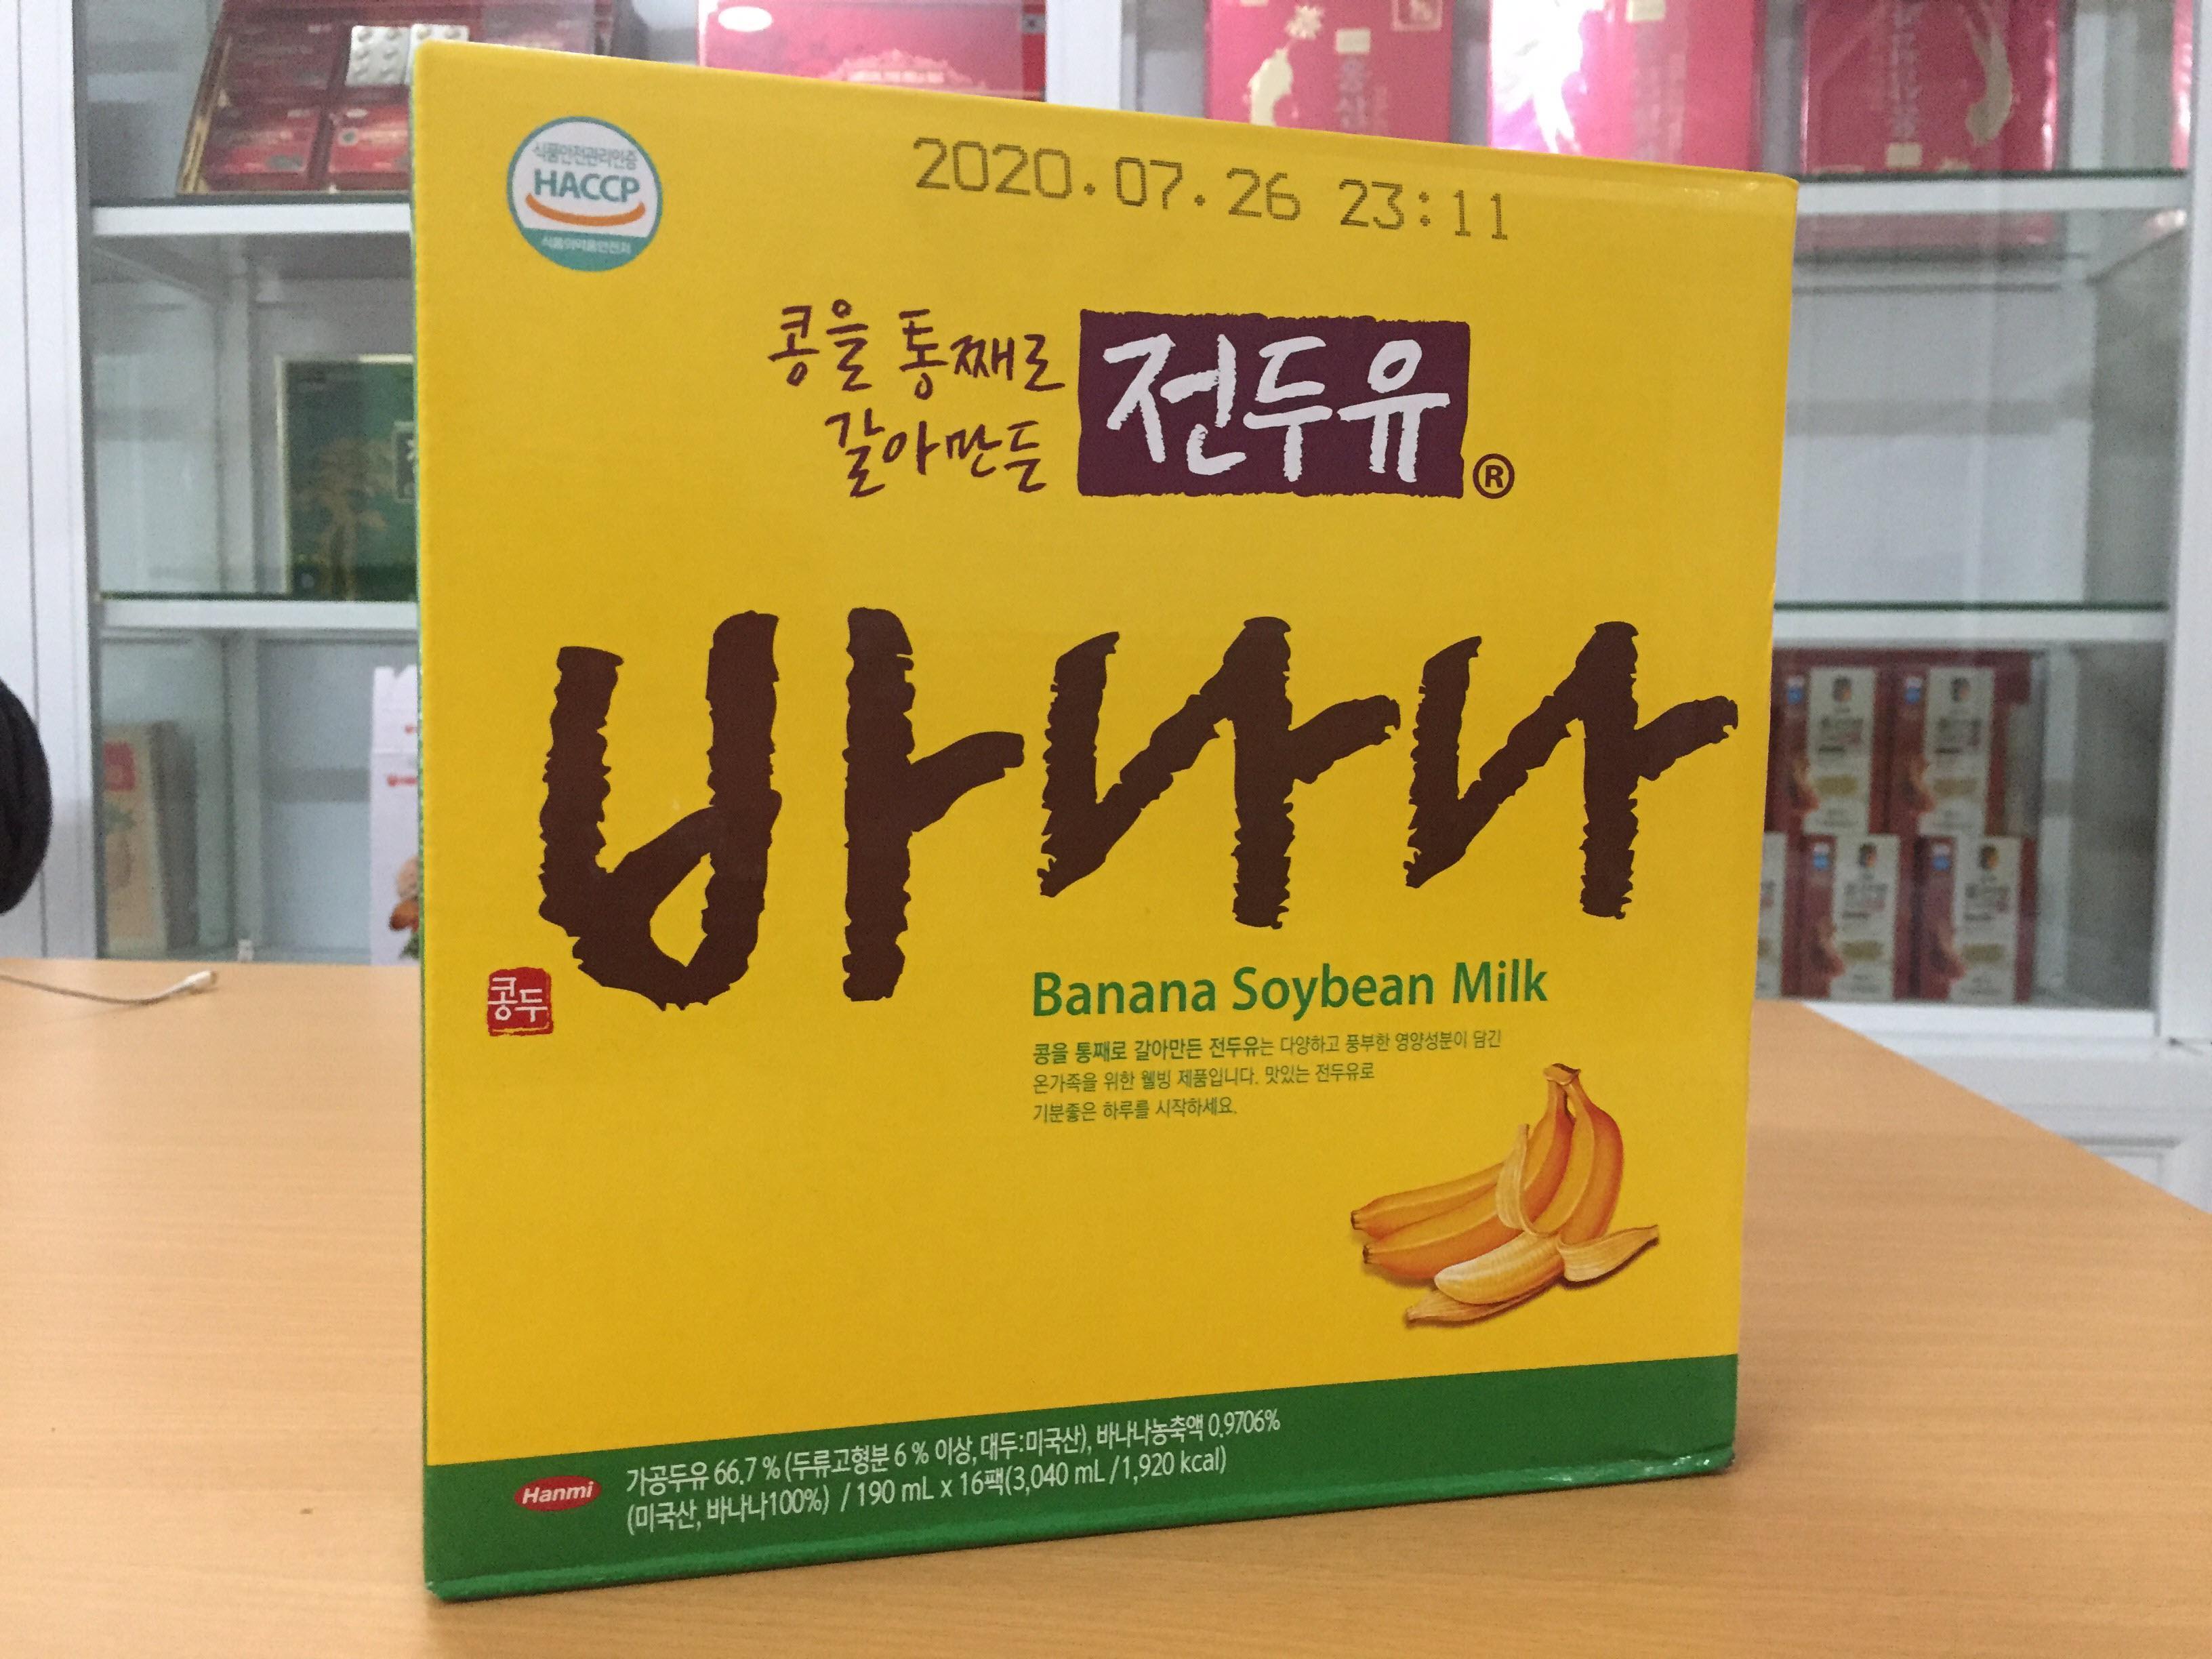 [Hanmi] - Sữa Hạt Hàn Quốc vị chuối 190 ml (xách 16 hộp) - Sữa hạt Hàn Quốc Hanmi